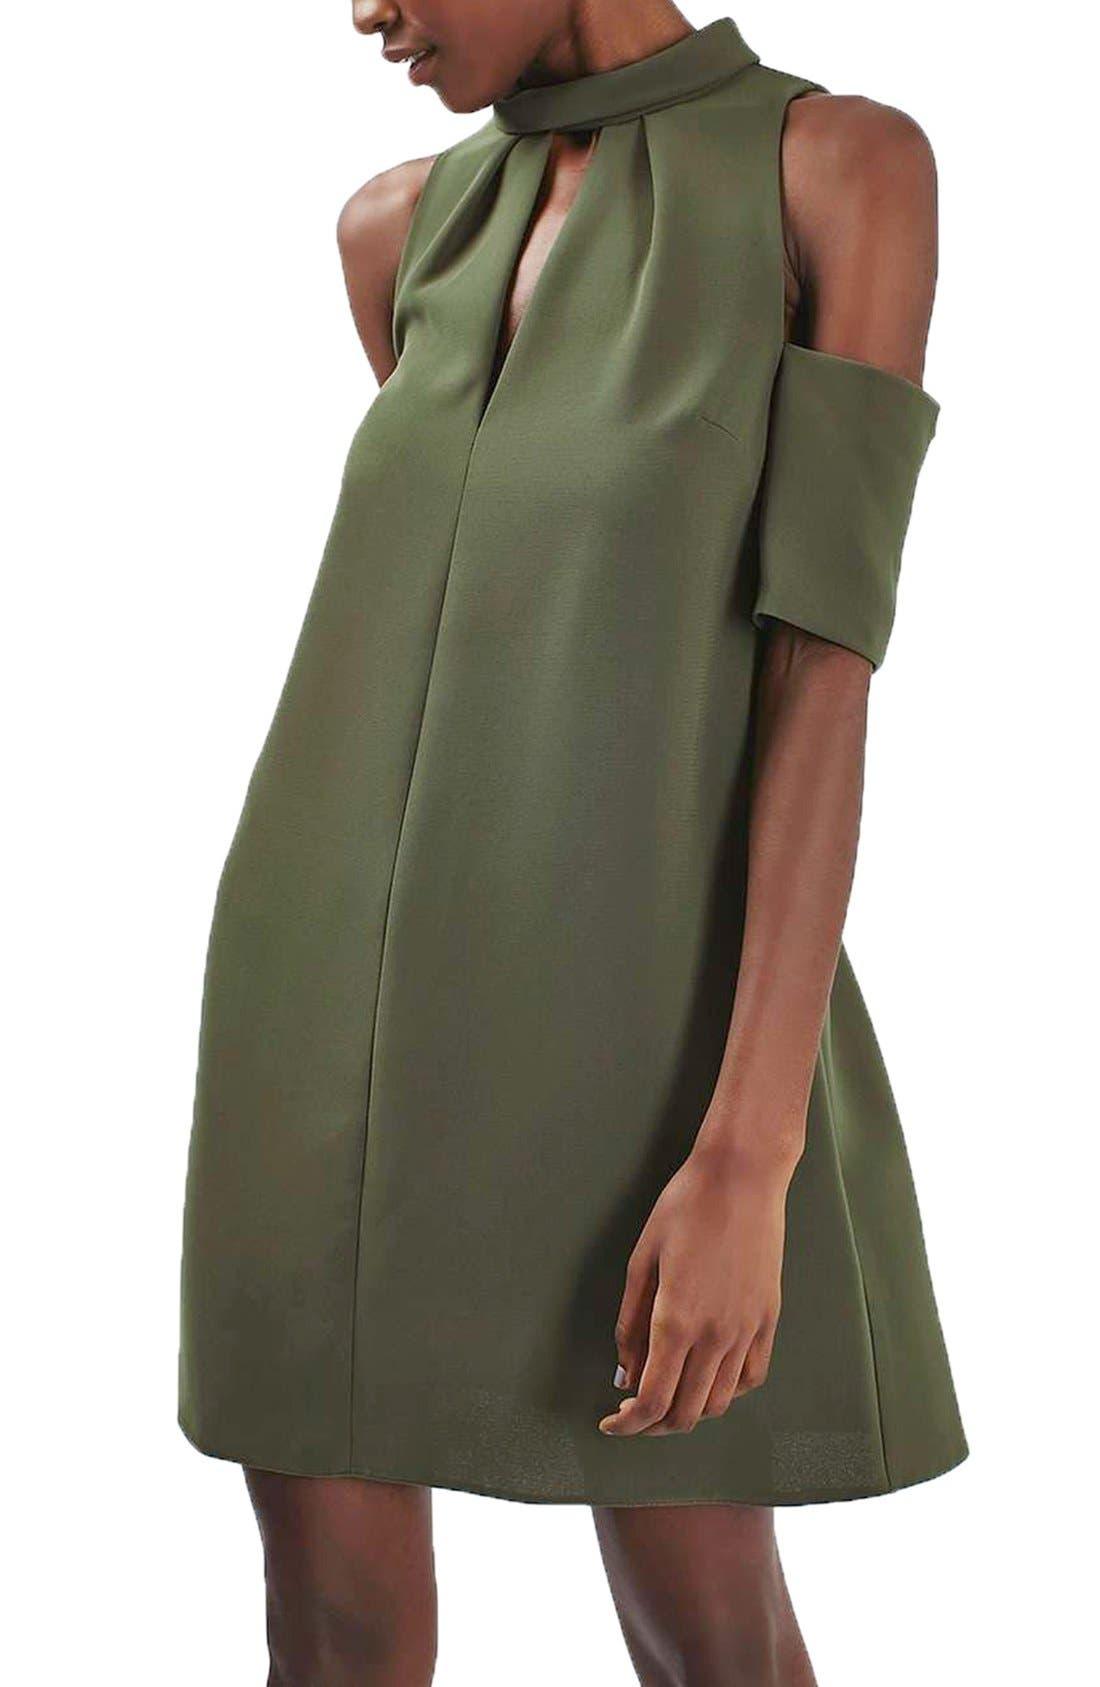 Alternate Image 1 Selected - Topshop Cold Shoulder Keyhole Dress